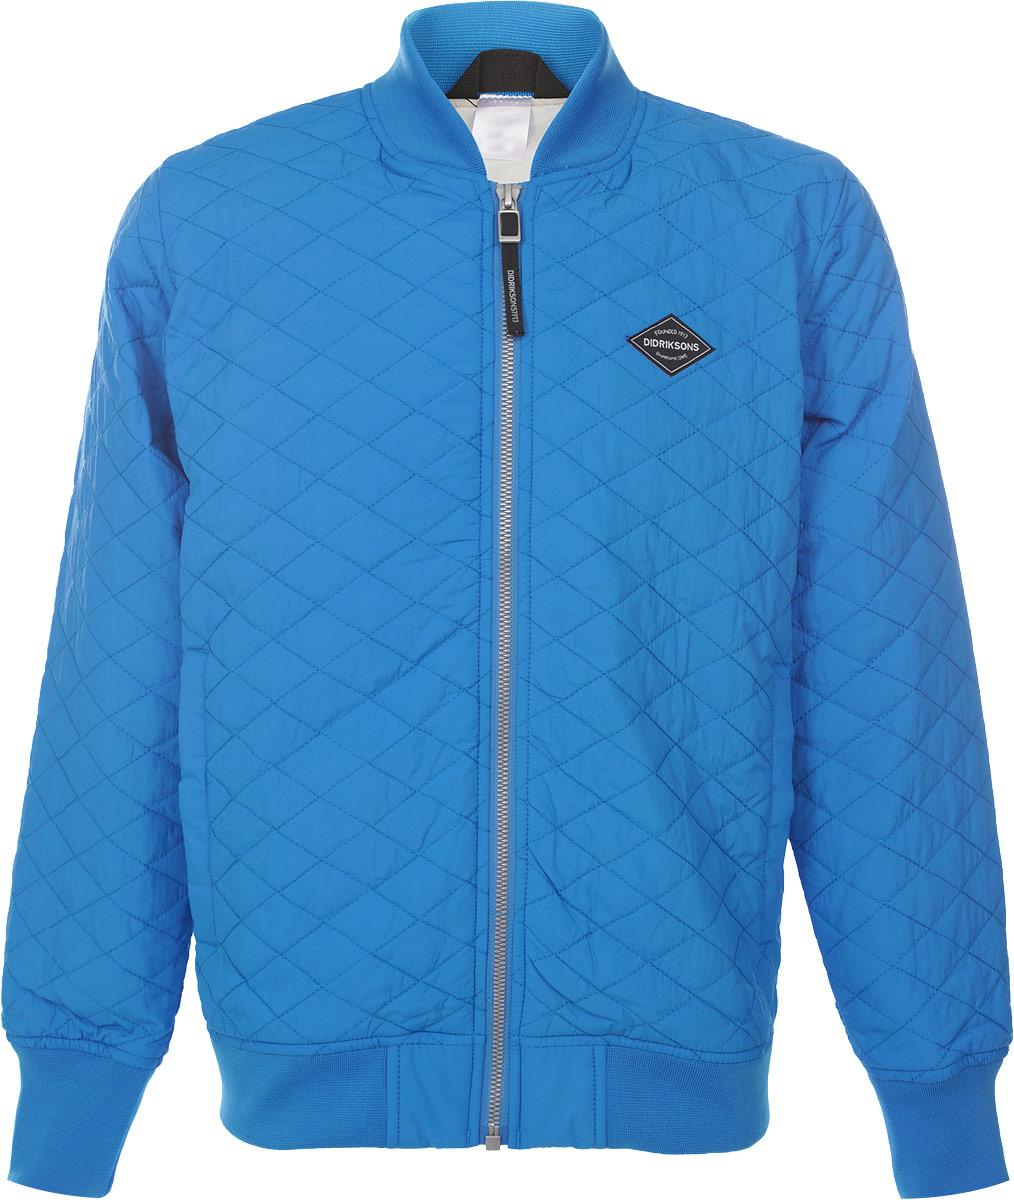 Куртка500736_332Стильная стеганная куртка для мальчика Didriksons1913 Jake, изготовленная из полиамида, станет ярким и стильным дополнением к детскому гардеробу. Материал приятный на ощупь, позволяет коже дышать, легко стирается, быстро сушится. В качестве утеплителя используется синтепон. Модель с длинными рукавами застегивается на пластиковую застежку-молнию. По бокам расположены два прорезных кармана на молнии и один внутренний на кнопках. Рукава, горловина и низ куртки дополнены трикотажными вставками. Куртка может использоваться как самостоятельно, так и в качестве второго слоя. Красивый цвет, модный силуэт обеспечивают куртке прекрасный внешний вид! Теплая, удобная и практичная куртка идеально подойдет для прогулок! Рассчитана на температуру от +10 до +15.